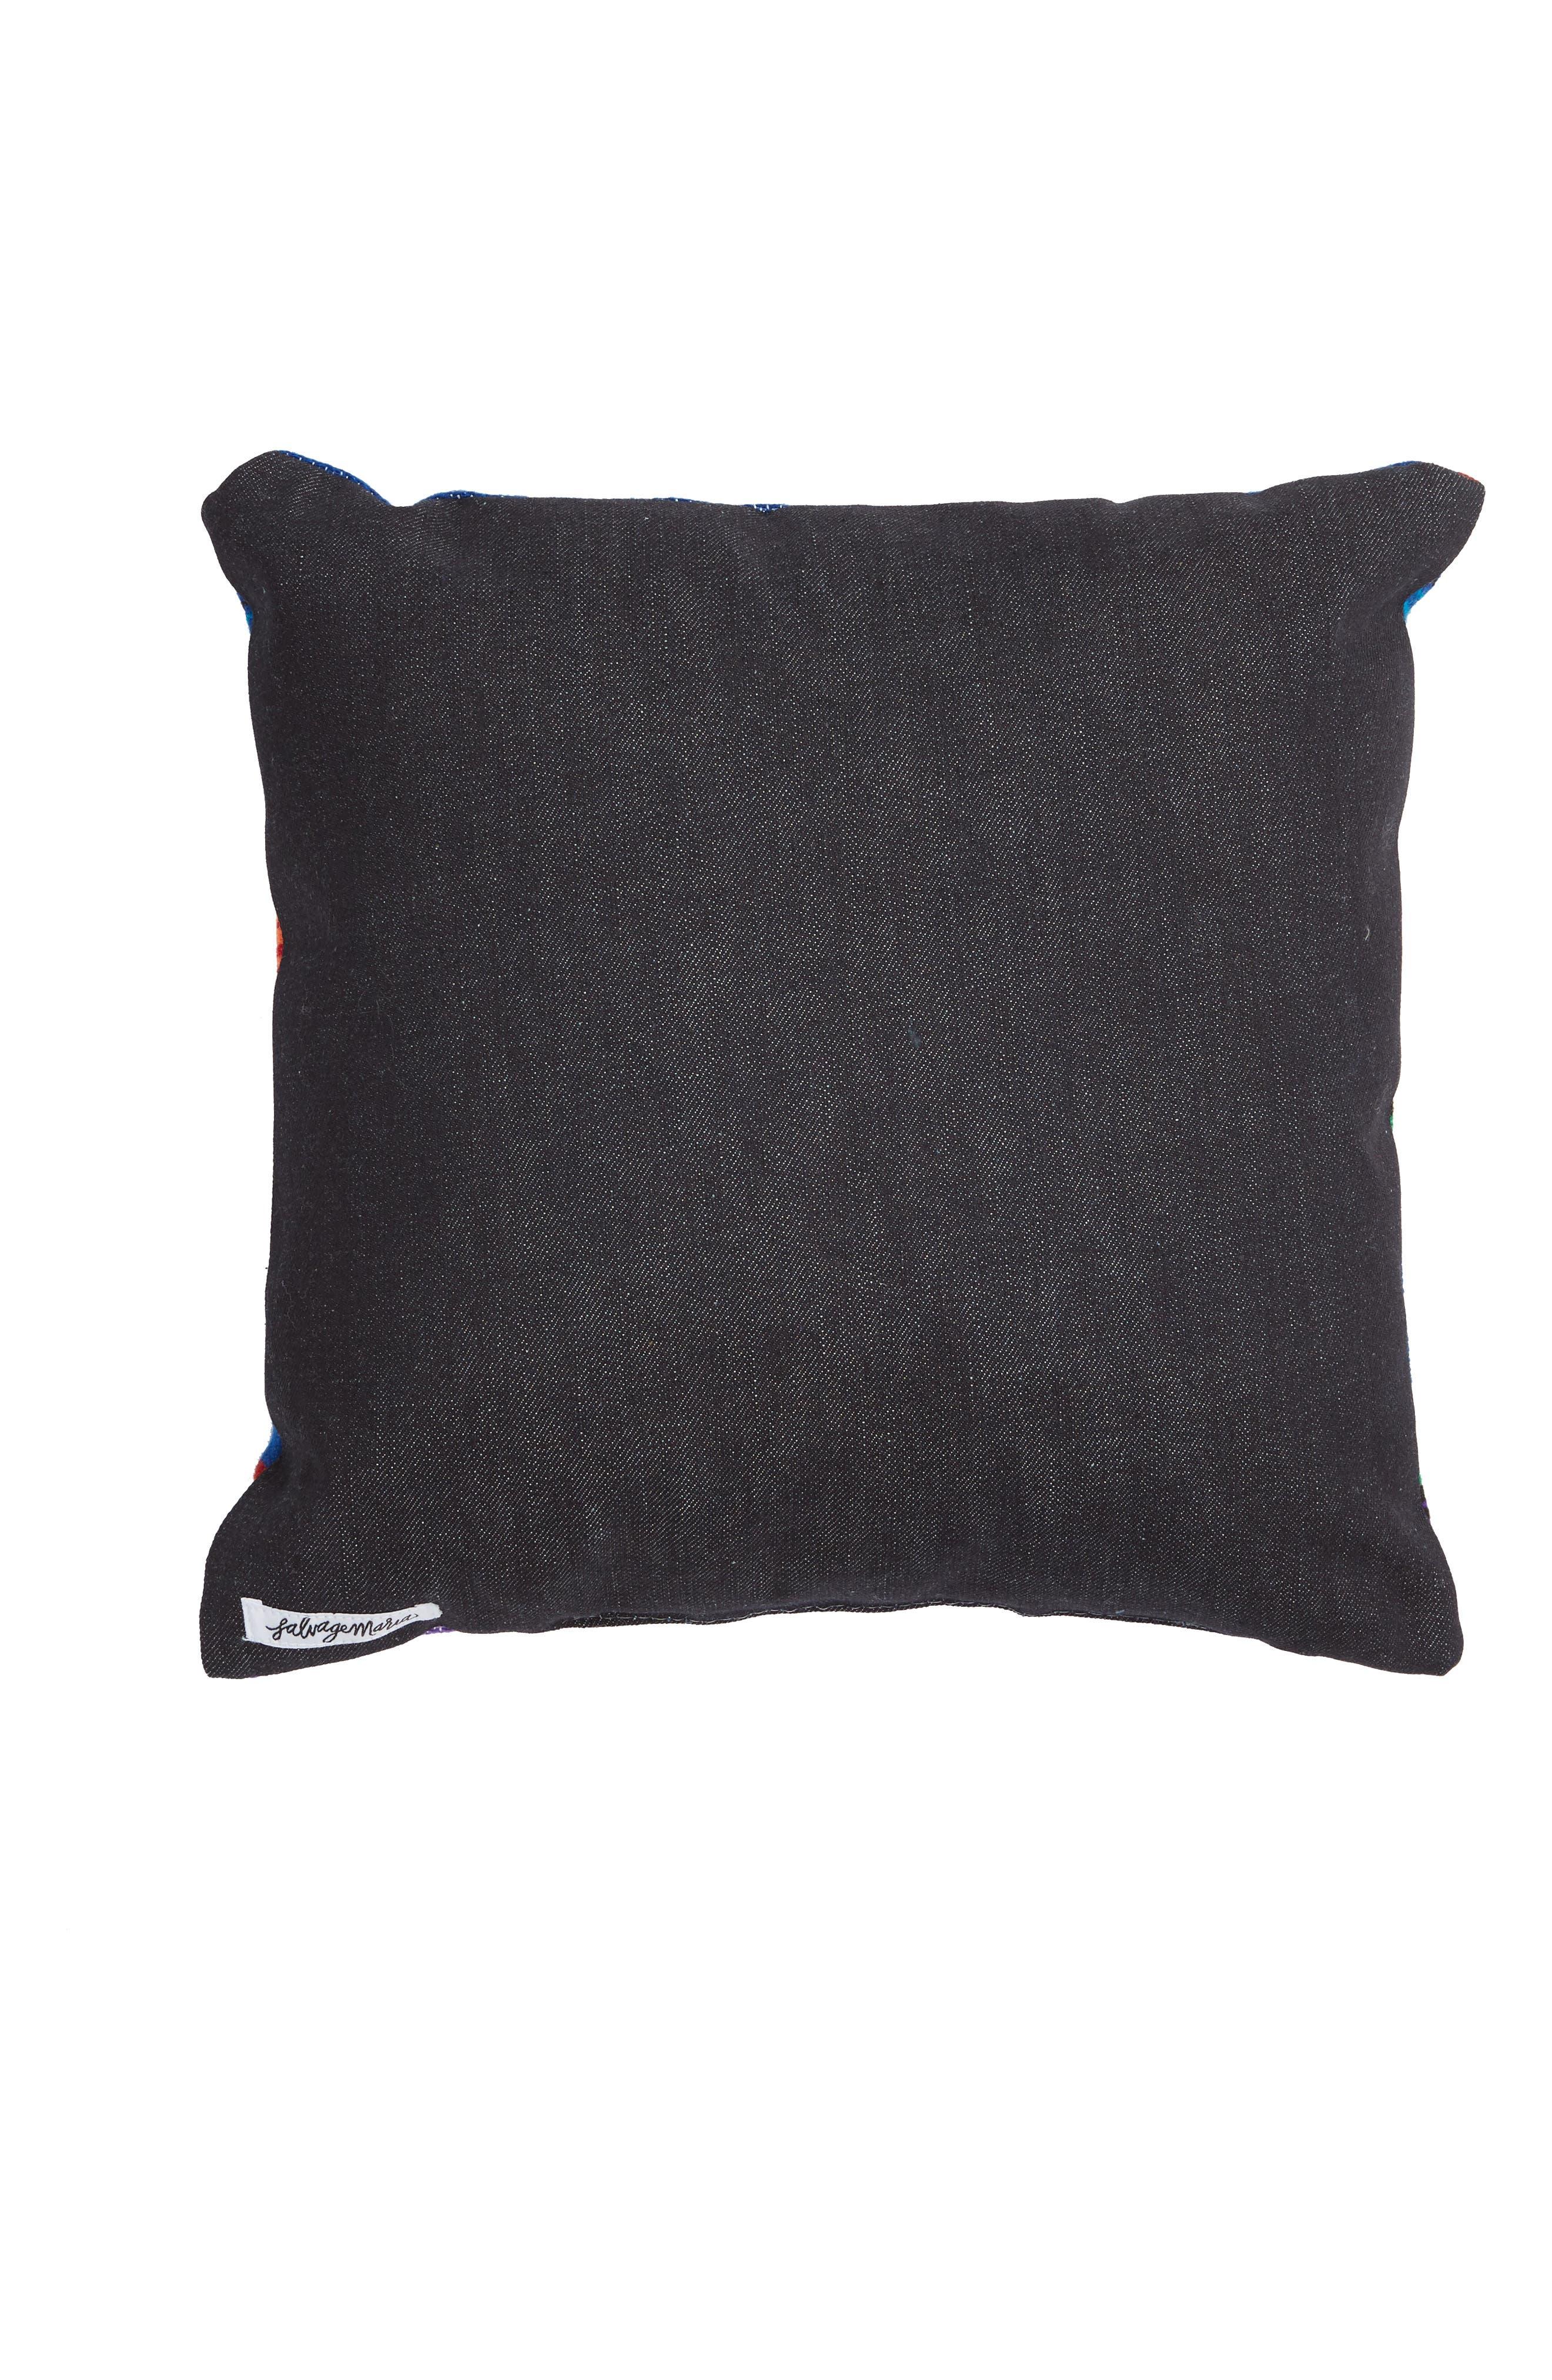 Small Salito Serape Square Accent Pillow,                             Alternate thumbnail 2, color,                             BLUE/ AZULE